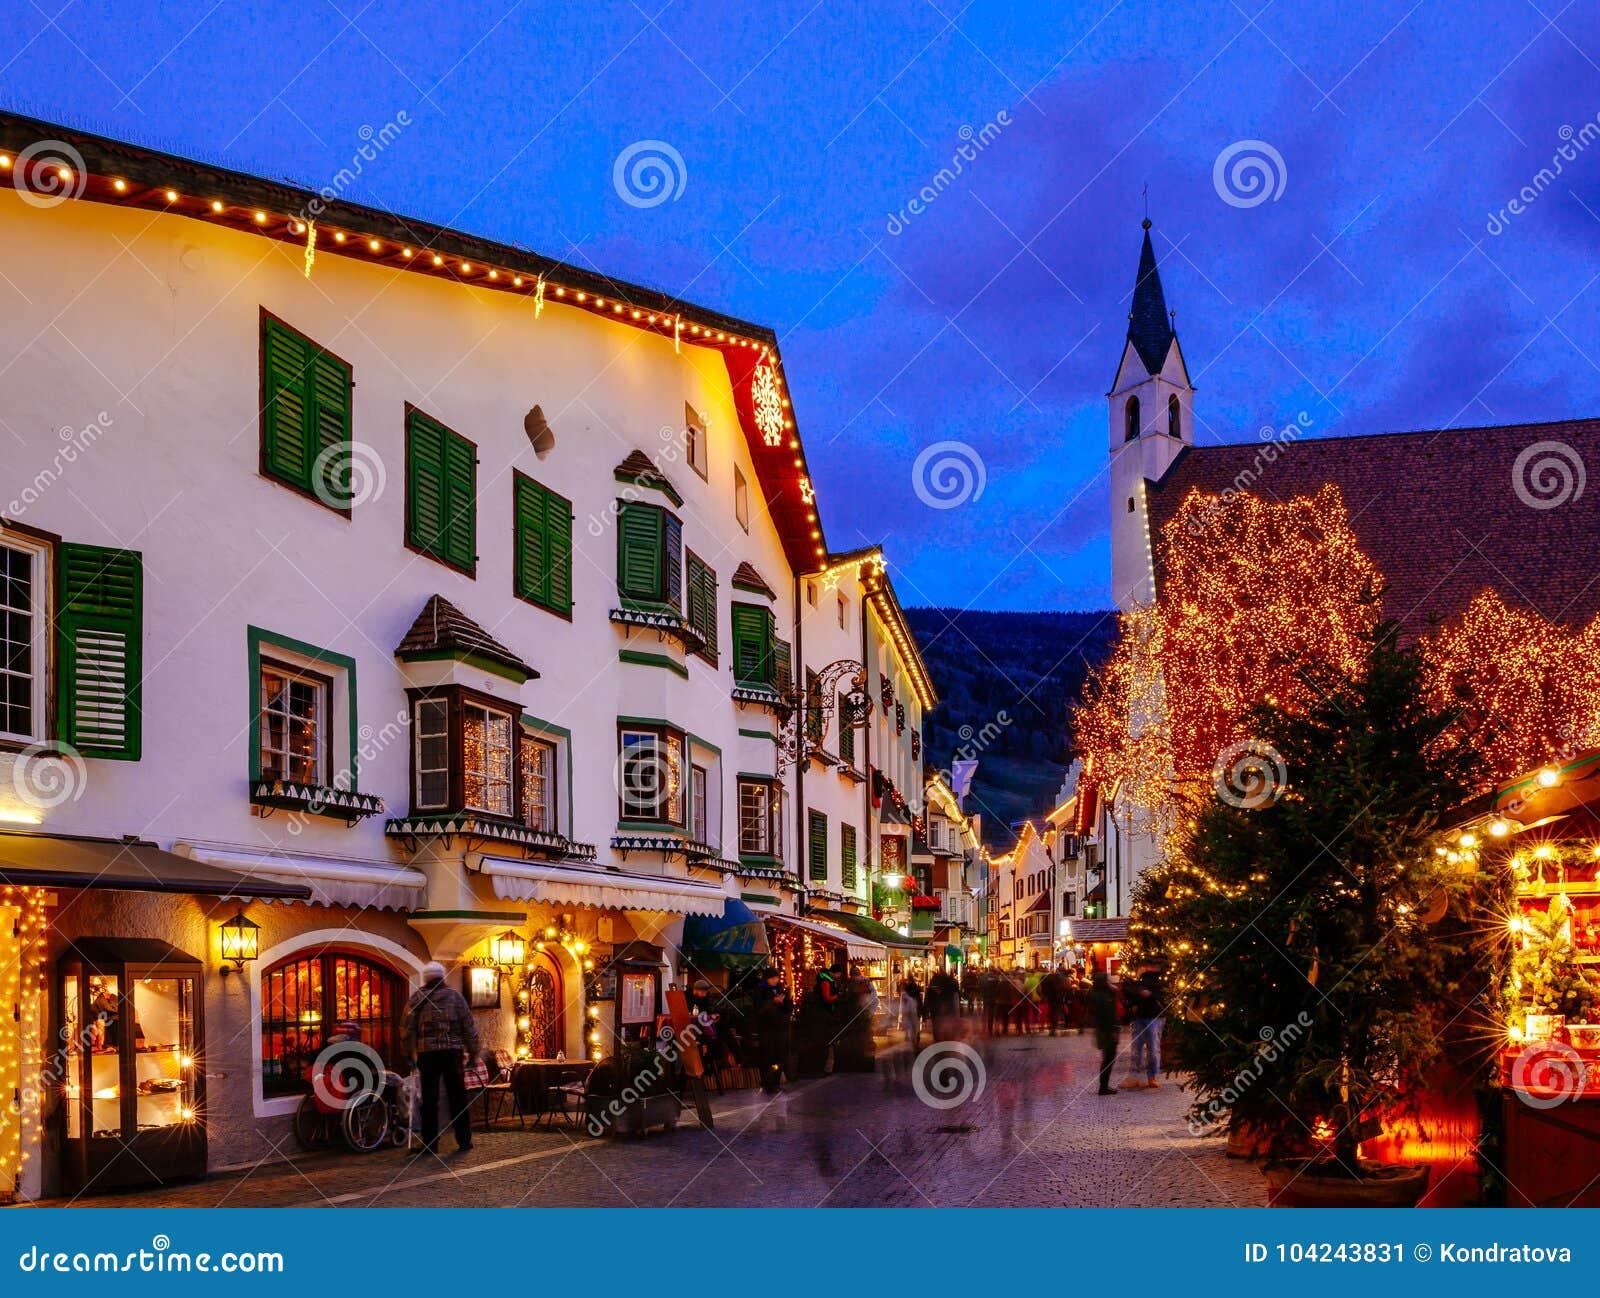 Boże Narodzenie rynek w Vipiteno, Bolzano, Trentino Altowy Adige, Włochy